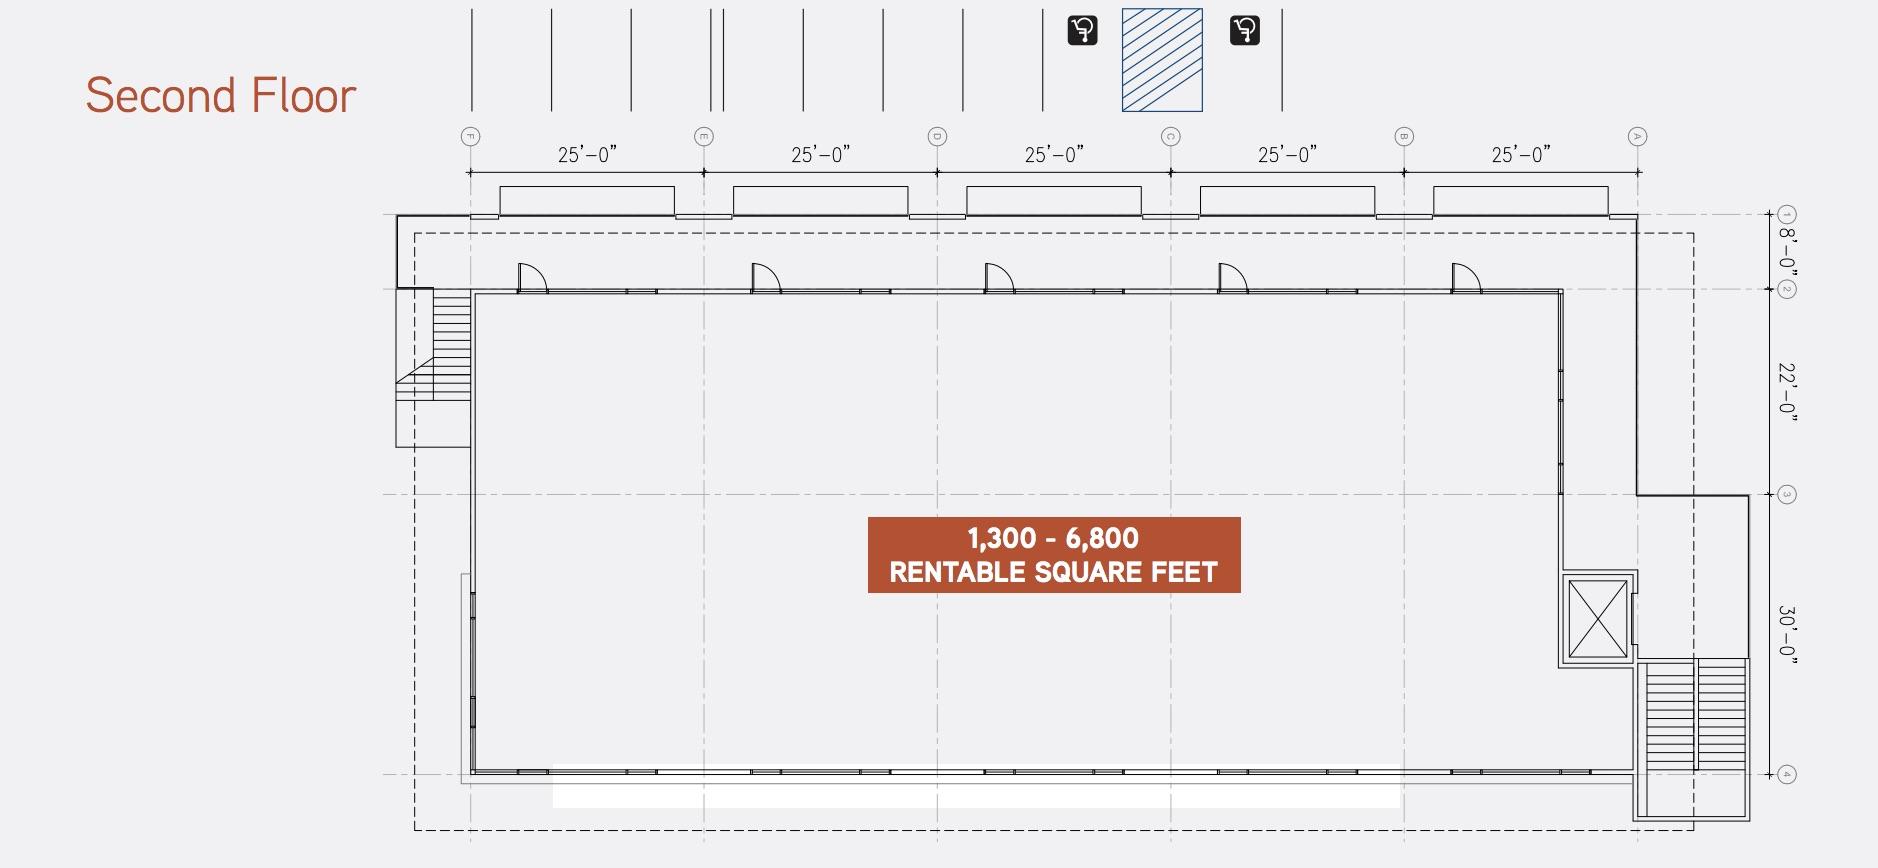 2nd Floor rentable sqft.jpg